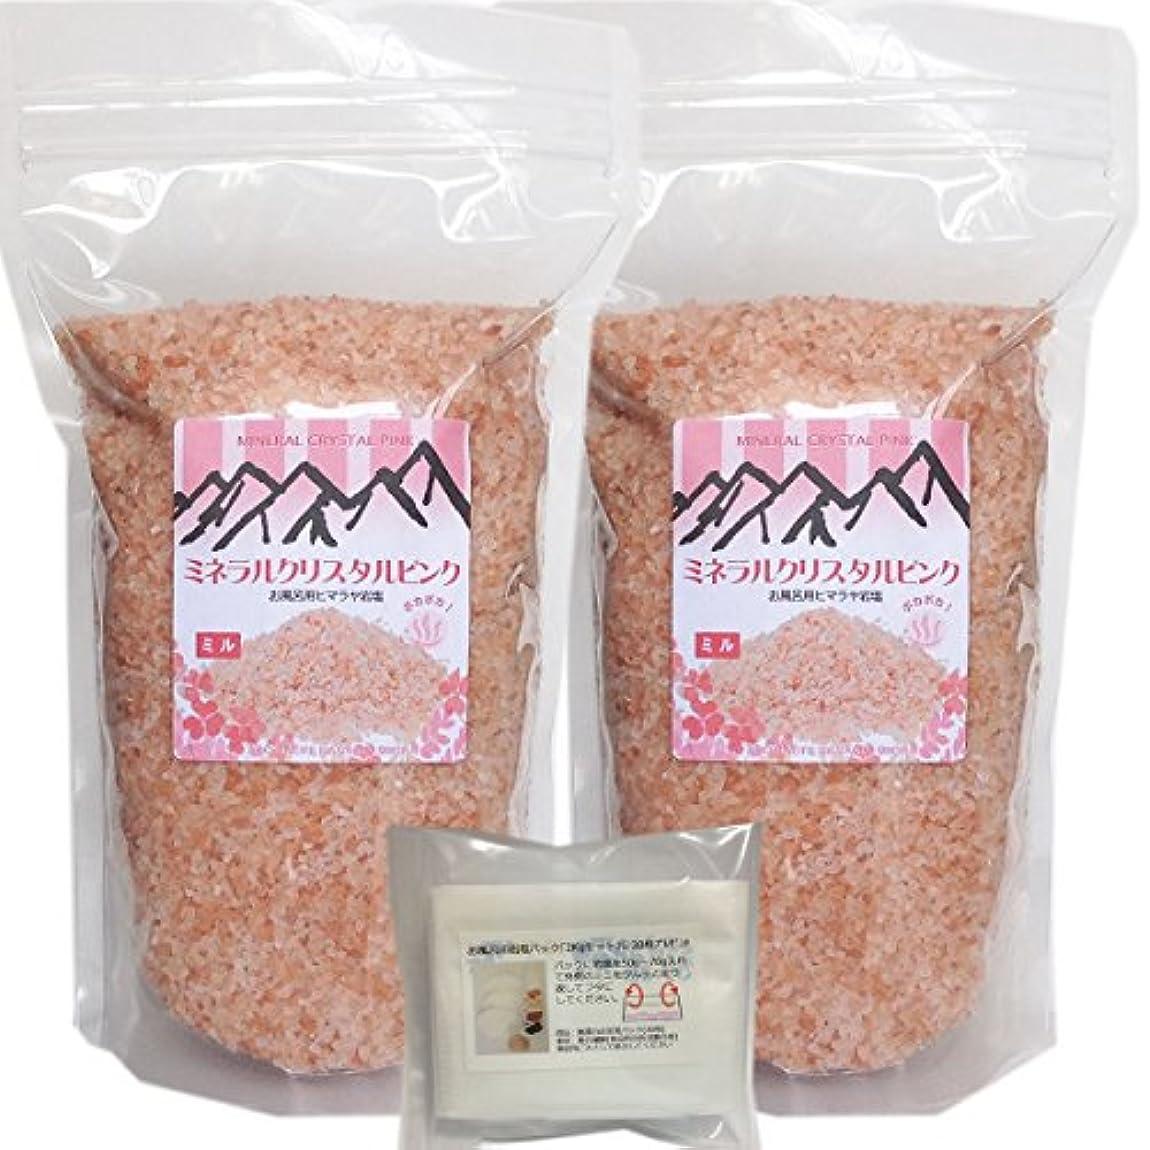 セラー変わるオーガニックヒマラヤ岩塩 ミネラルクリスタル ピンク [2Kgセット]